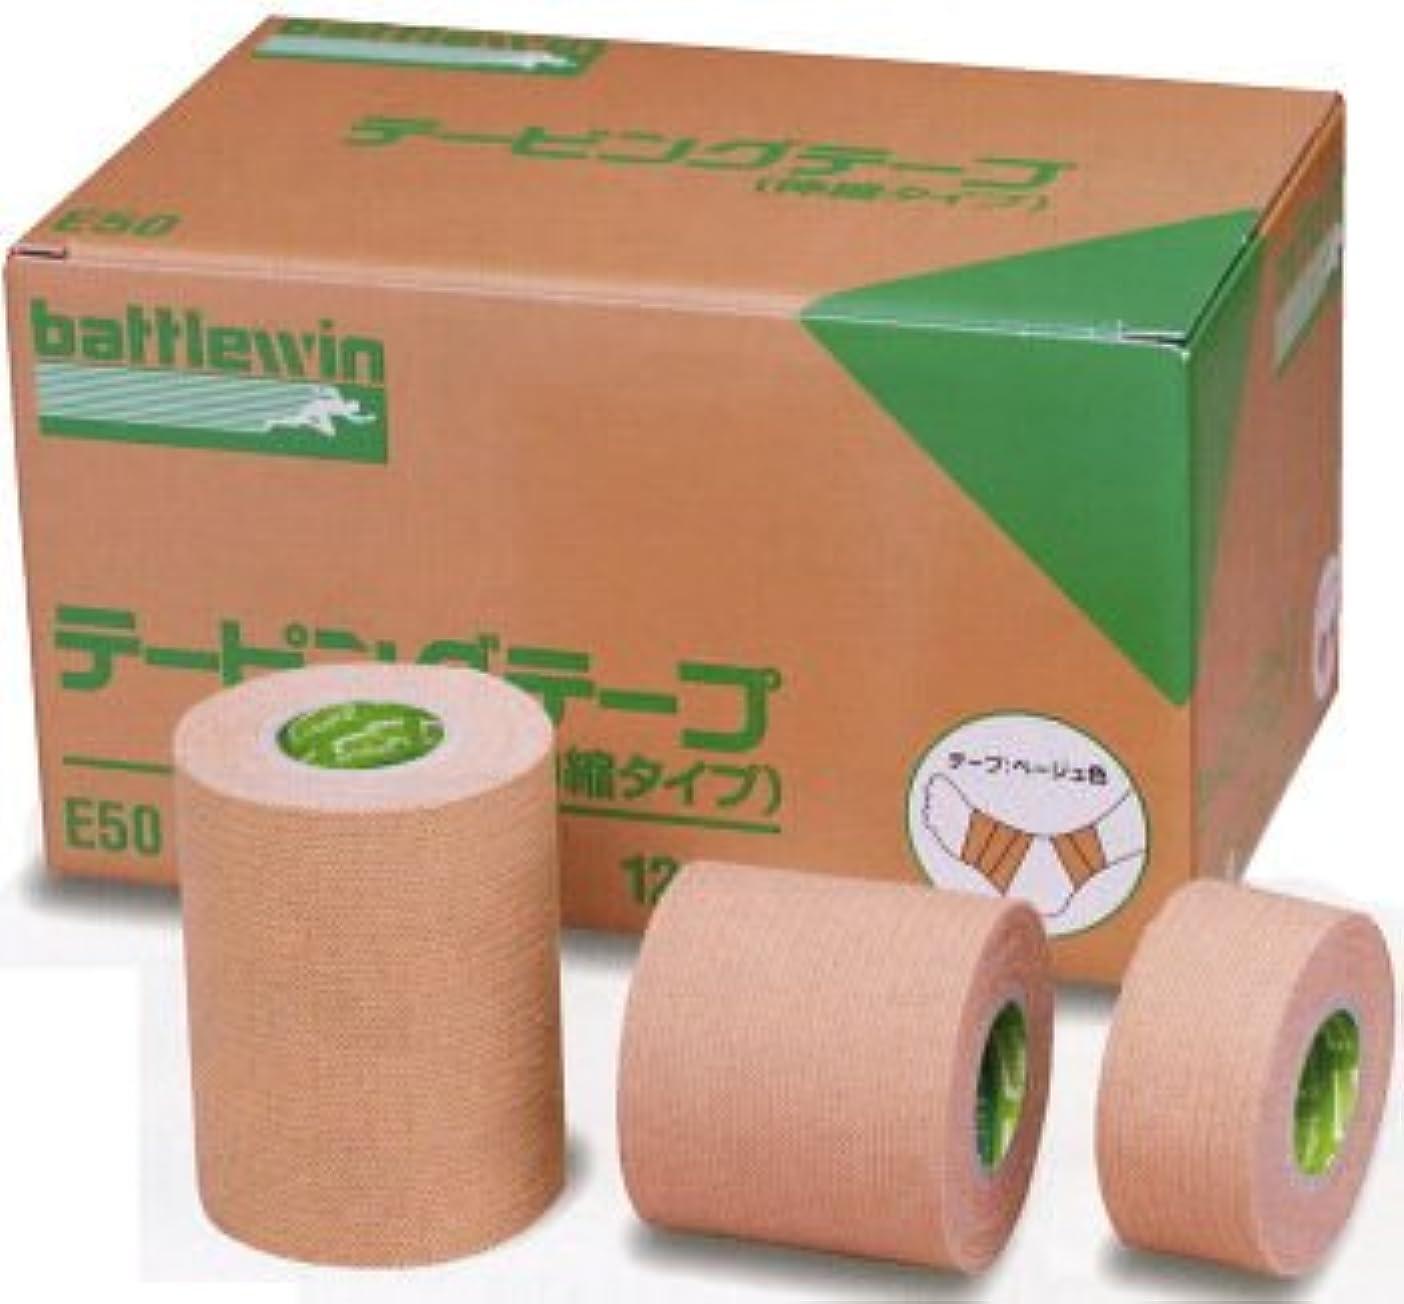 環境保護主義者百年動揺させる〔ニチバン〕E50 バトルウィン テーピングテープ Eタイプ(伸縮) 50mm×4m×12巻入り